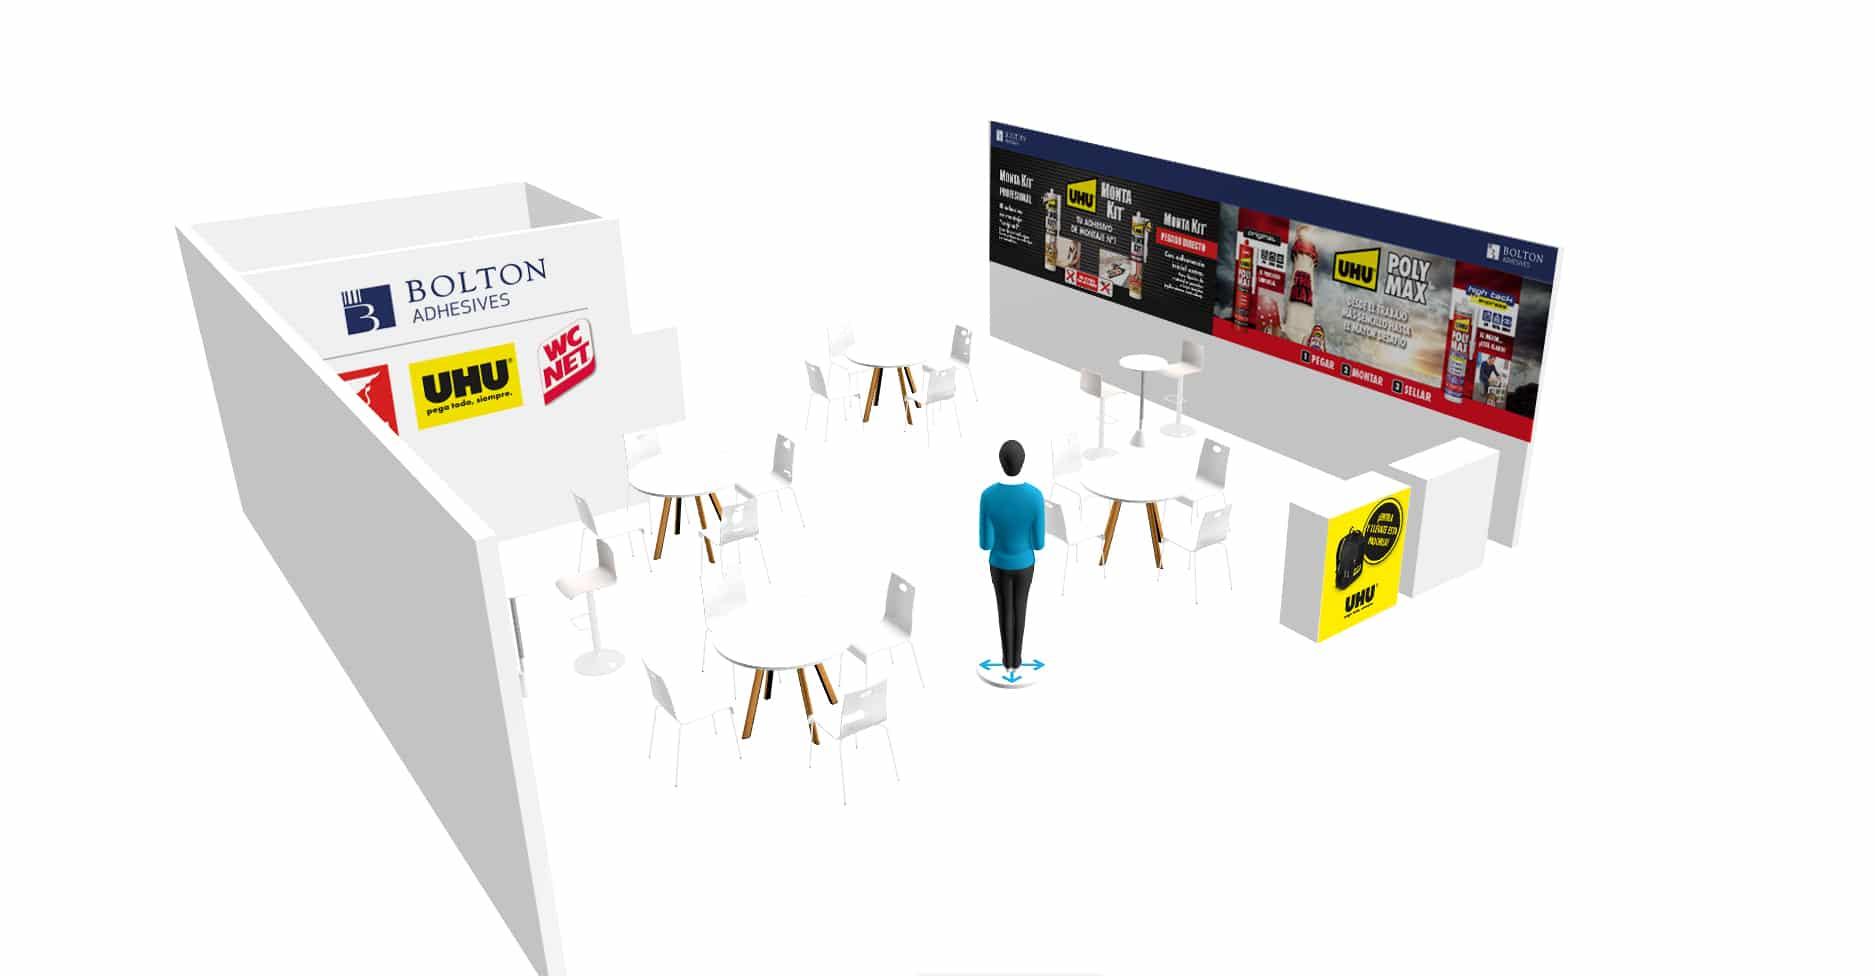 Stand UHU 19 expo